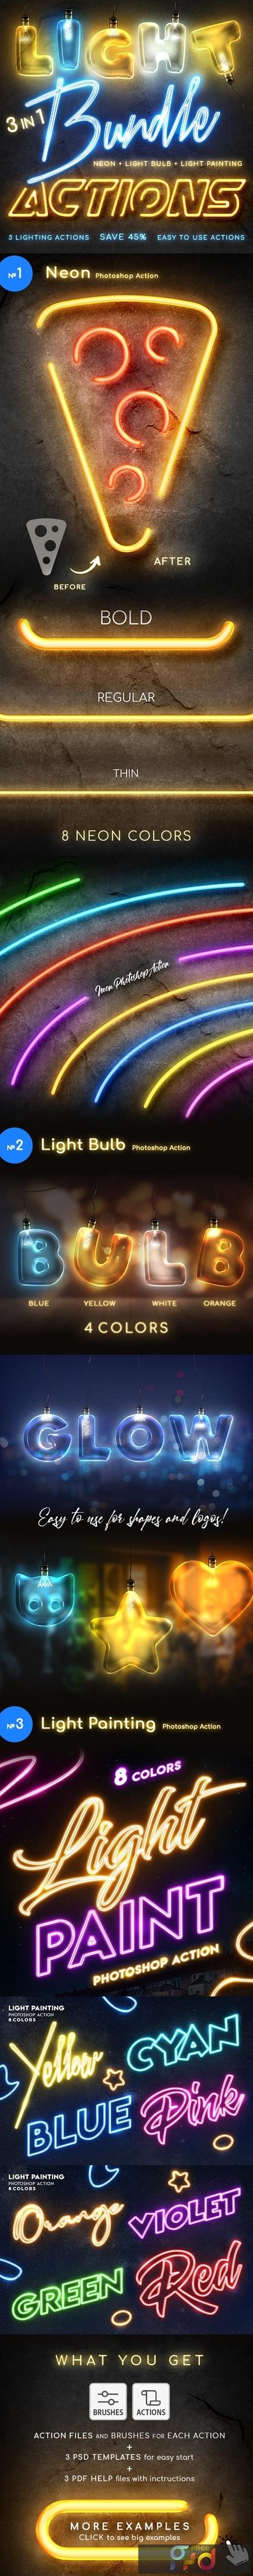 Lighting Photoshop Actions Bundle 25882789 1